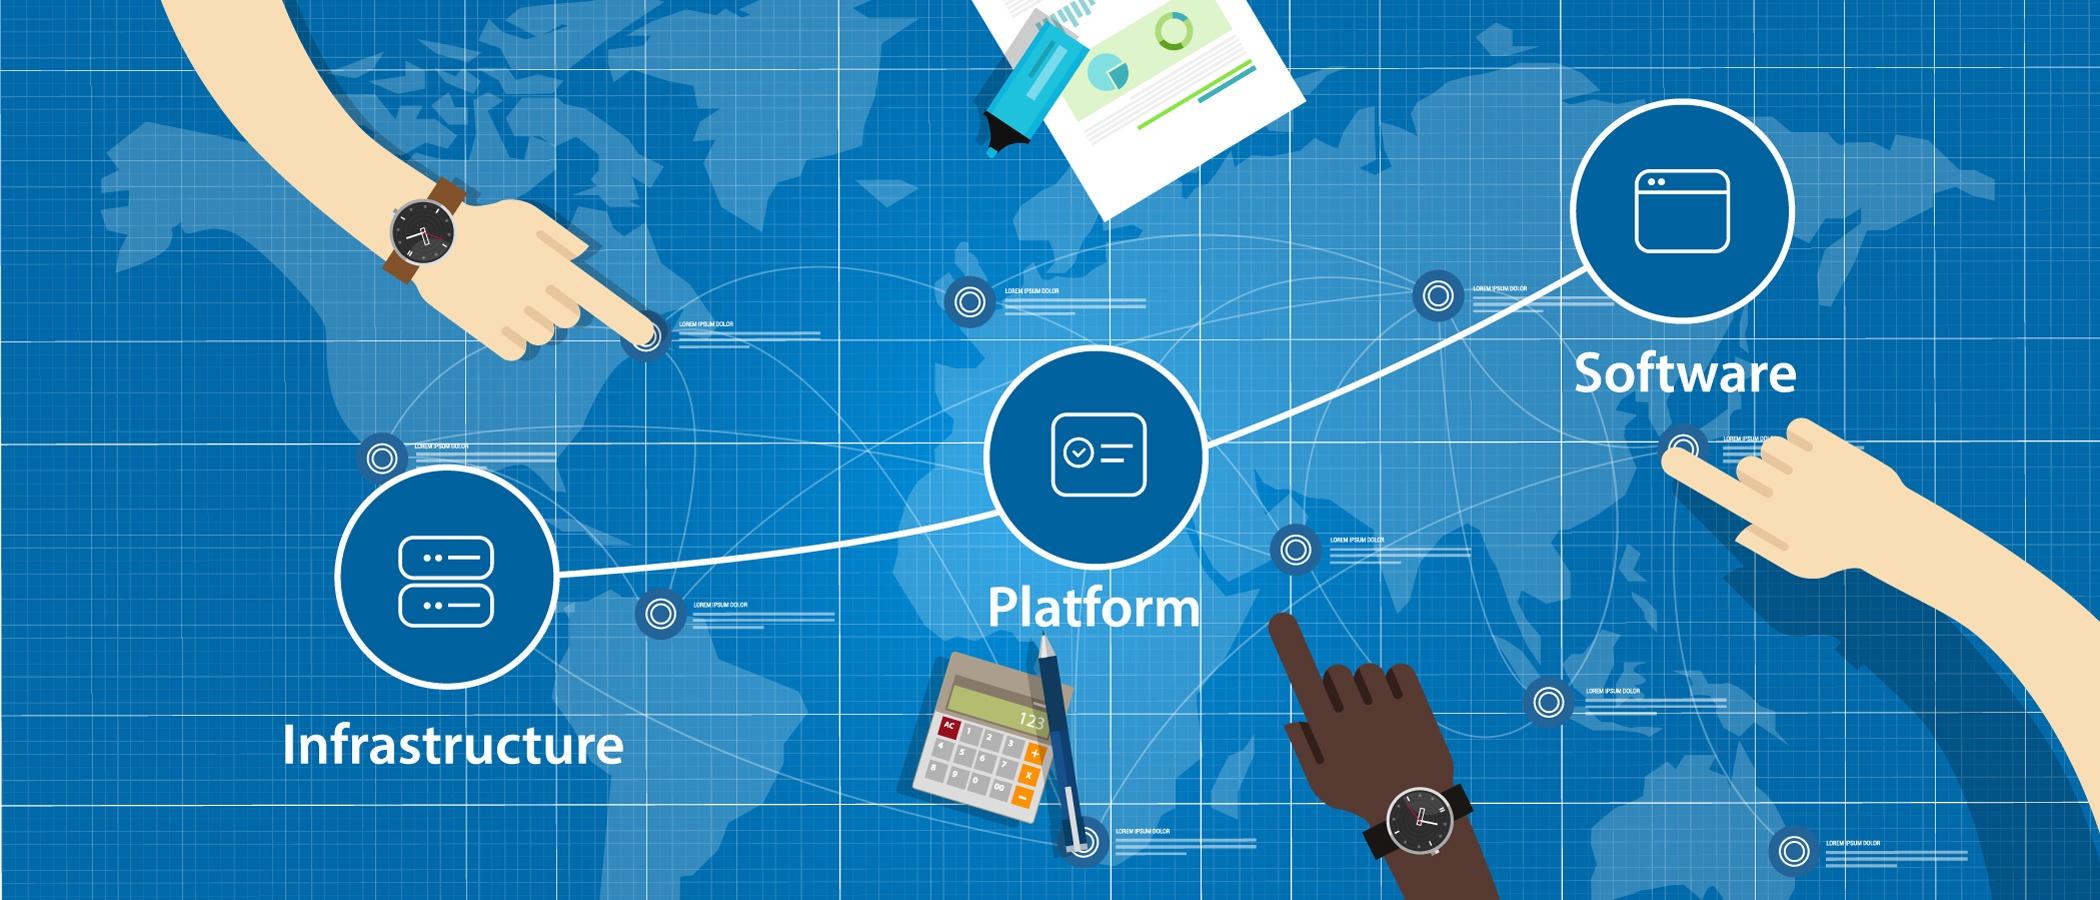 global-platform-image